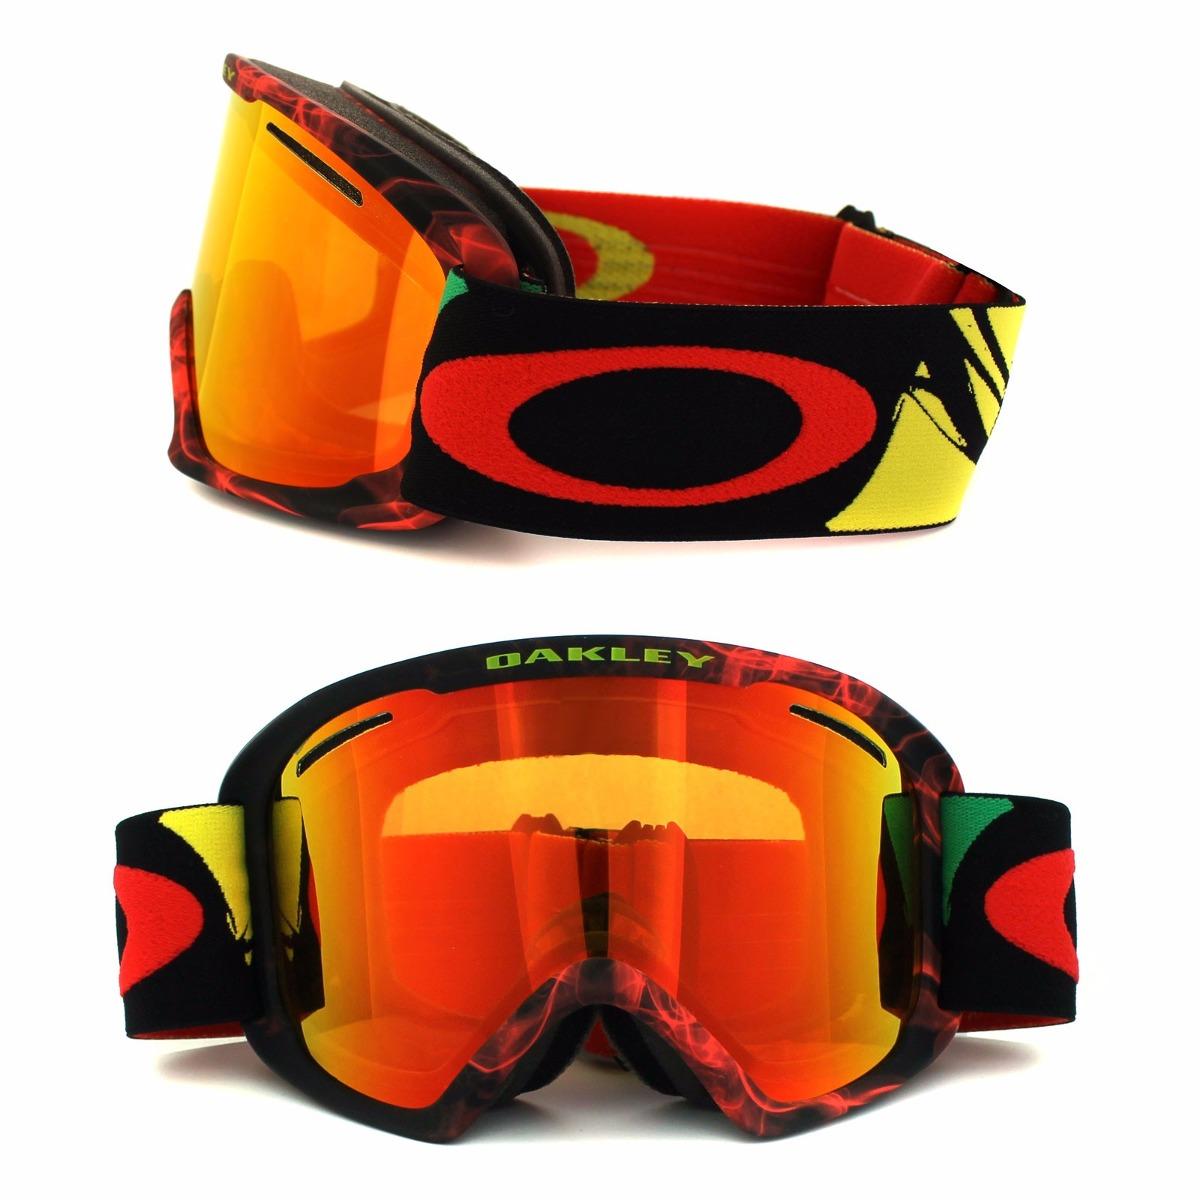 69a8c81e00 Antiparras Oakley Usa - $ 69.900 en Mercado Libre